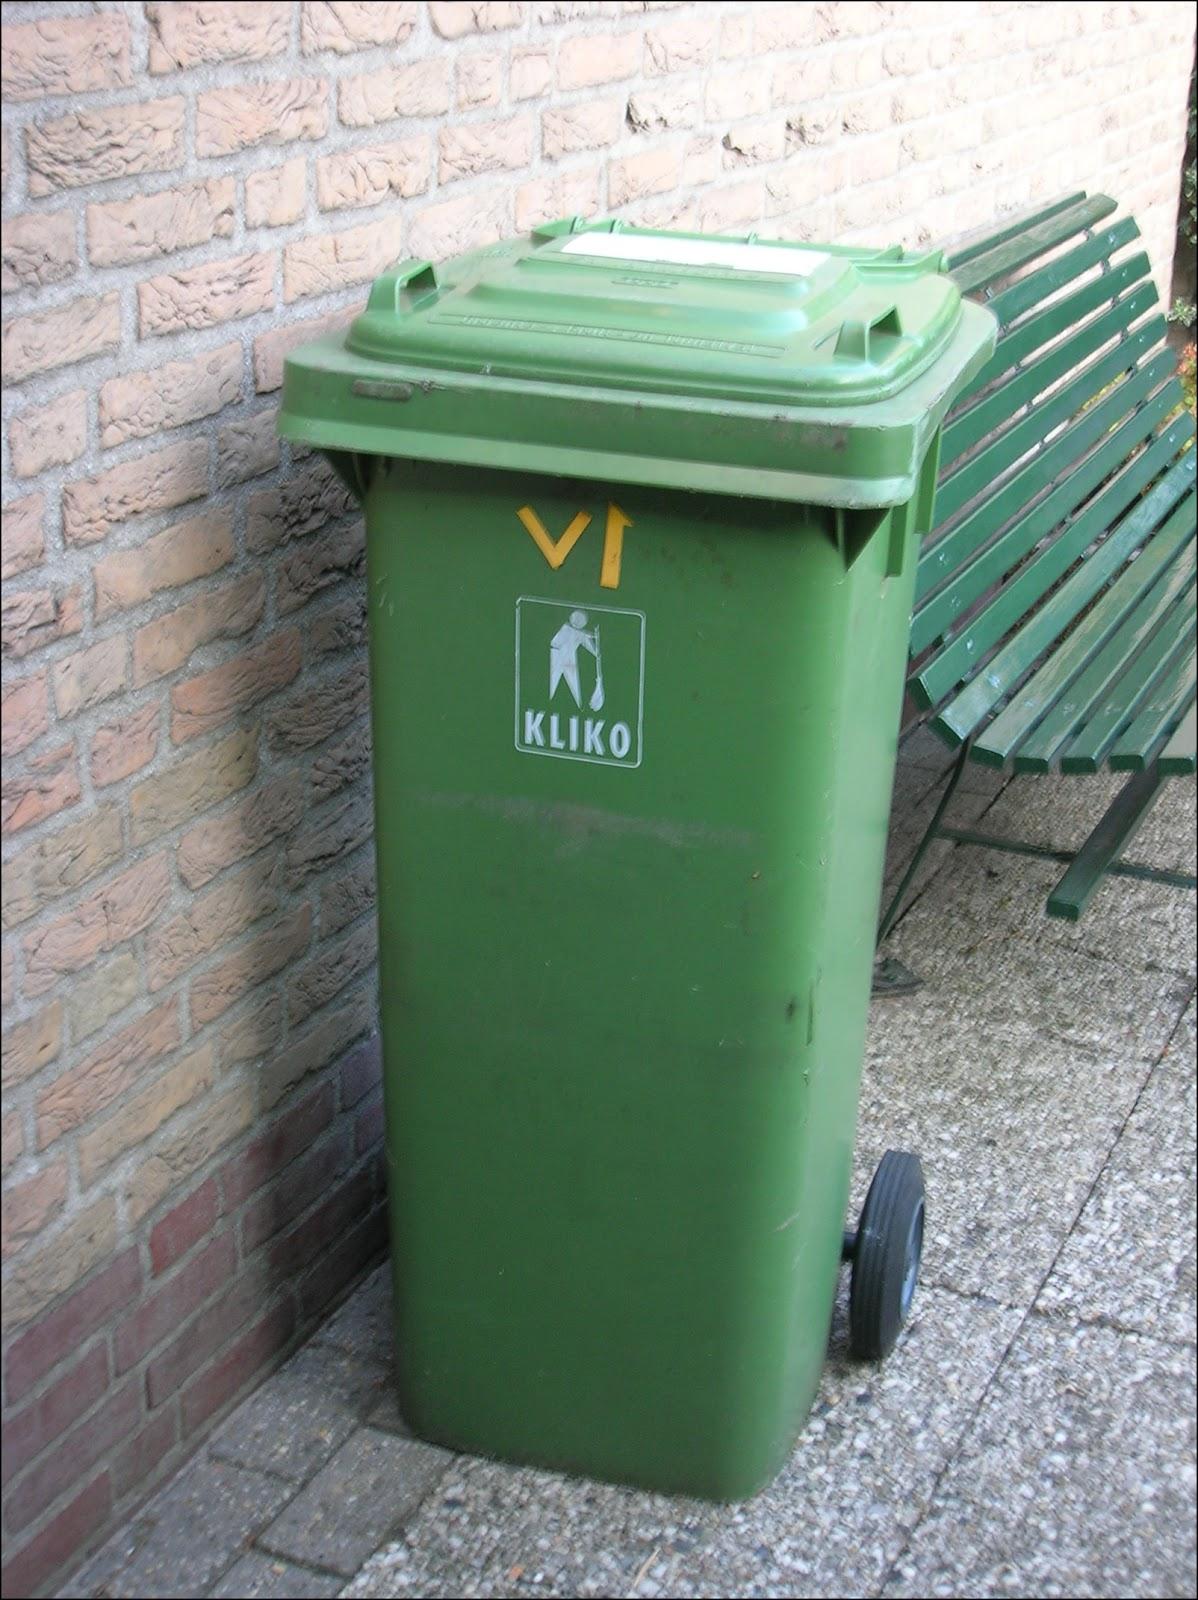 Контейнер для GFT-мусора. Фото Erik1980/Wikimedia.